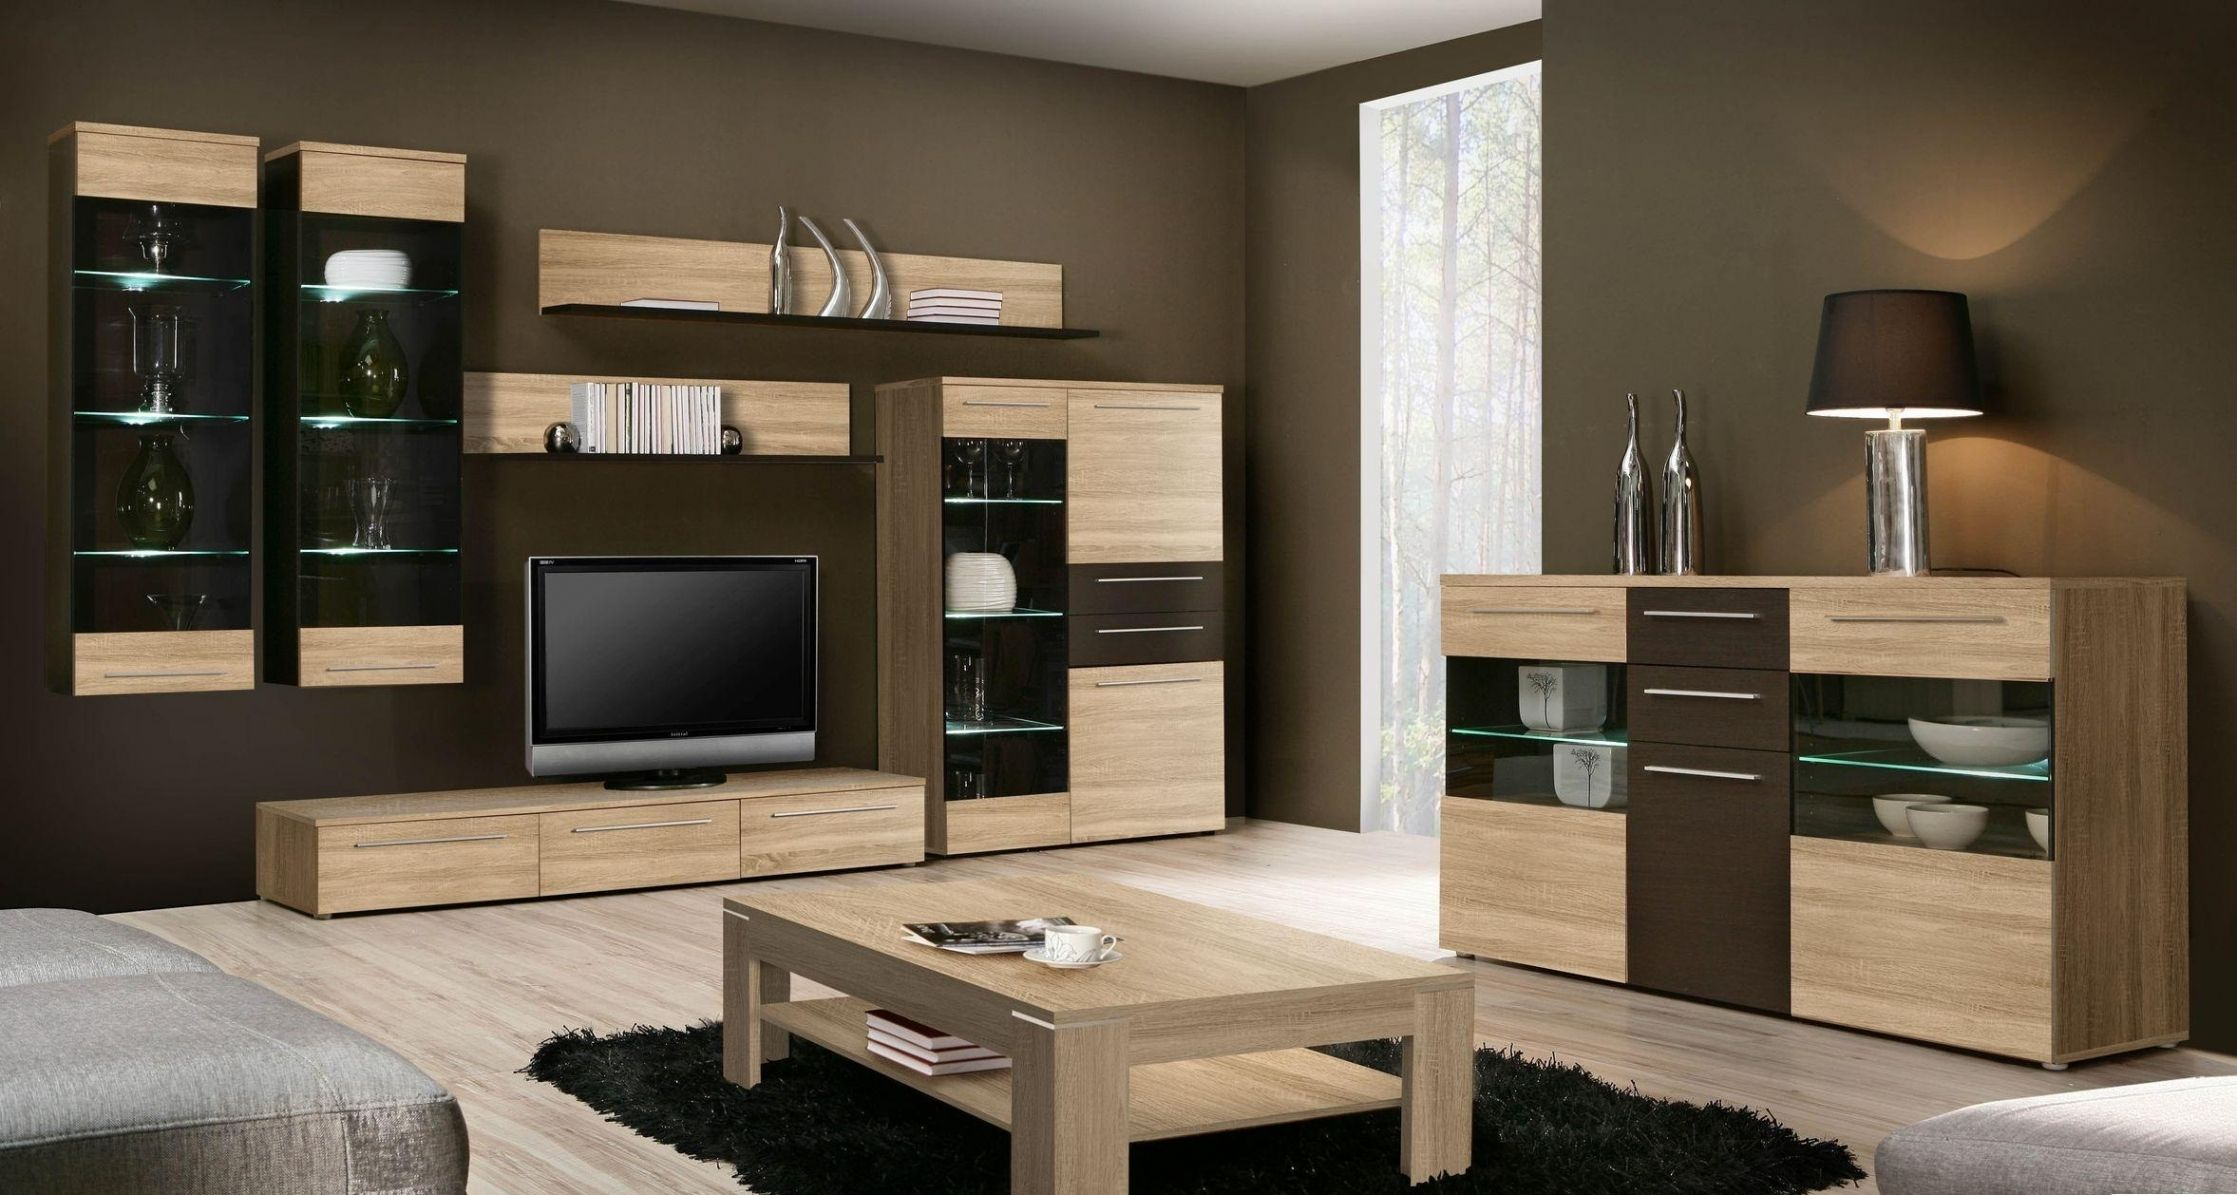 Einzigartig Wohnzimmer Neu Gestalten Ideen